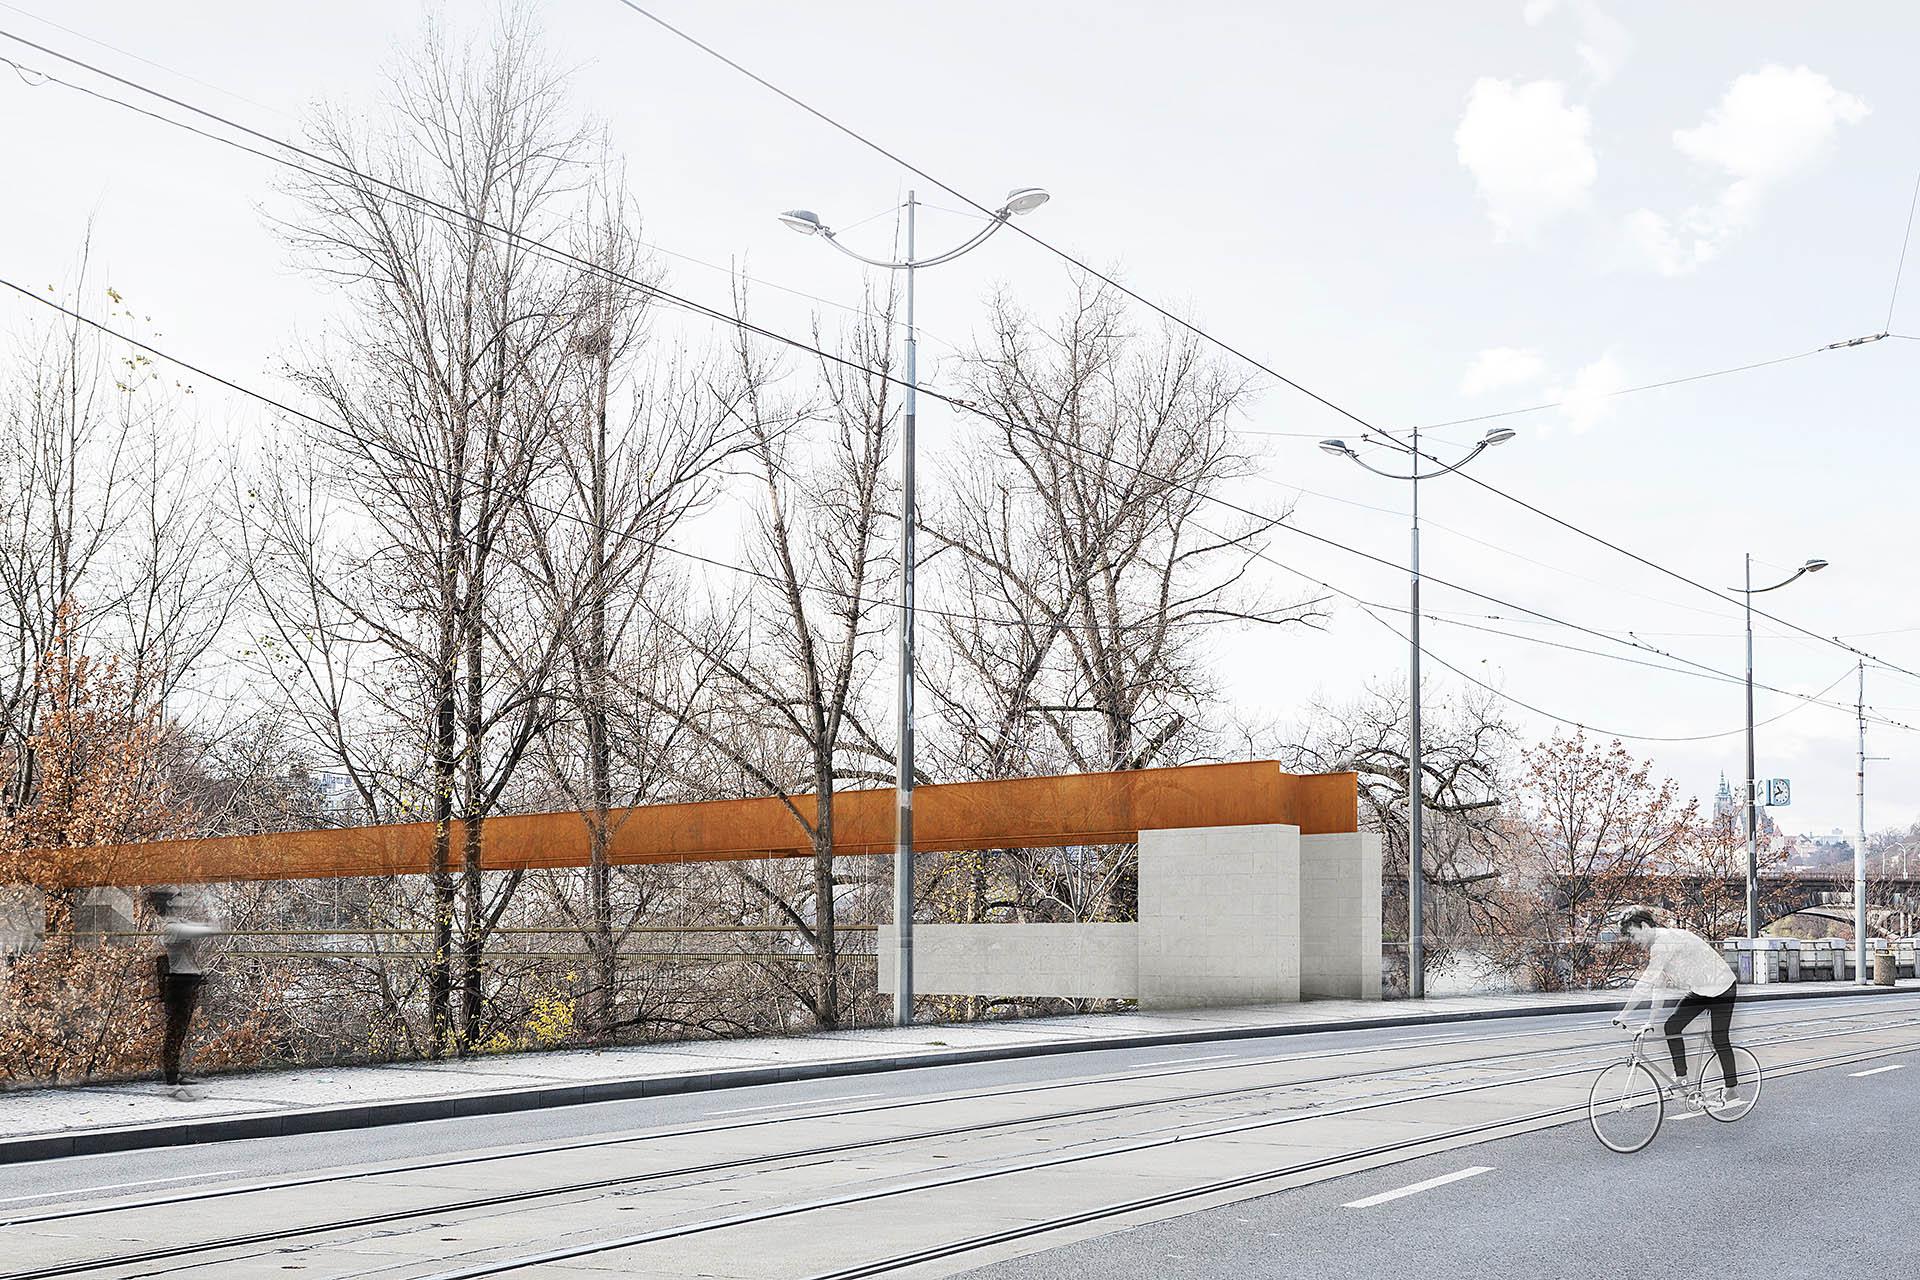 Vizualizace návrhu předpolí lávky v prostoru Holešovického nábřeží